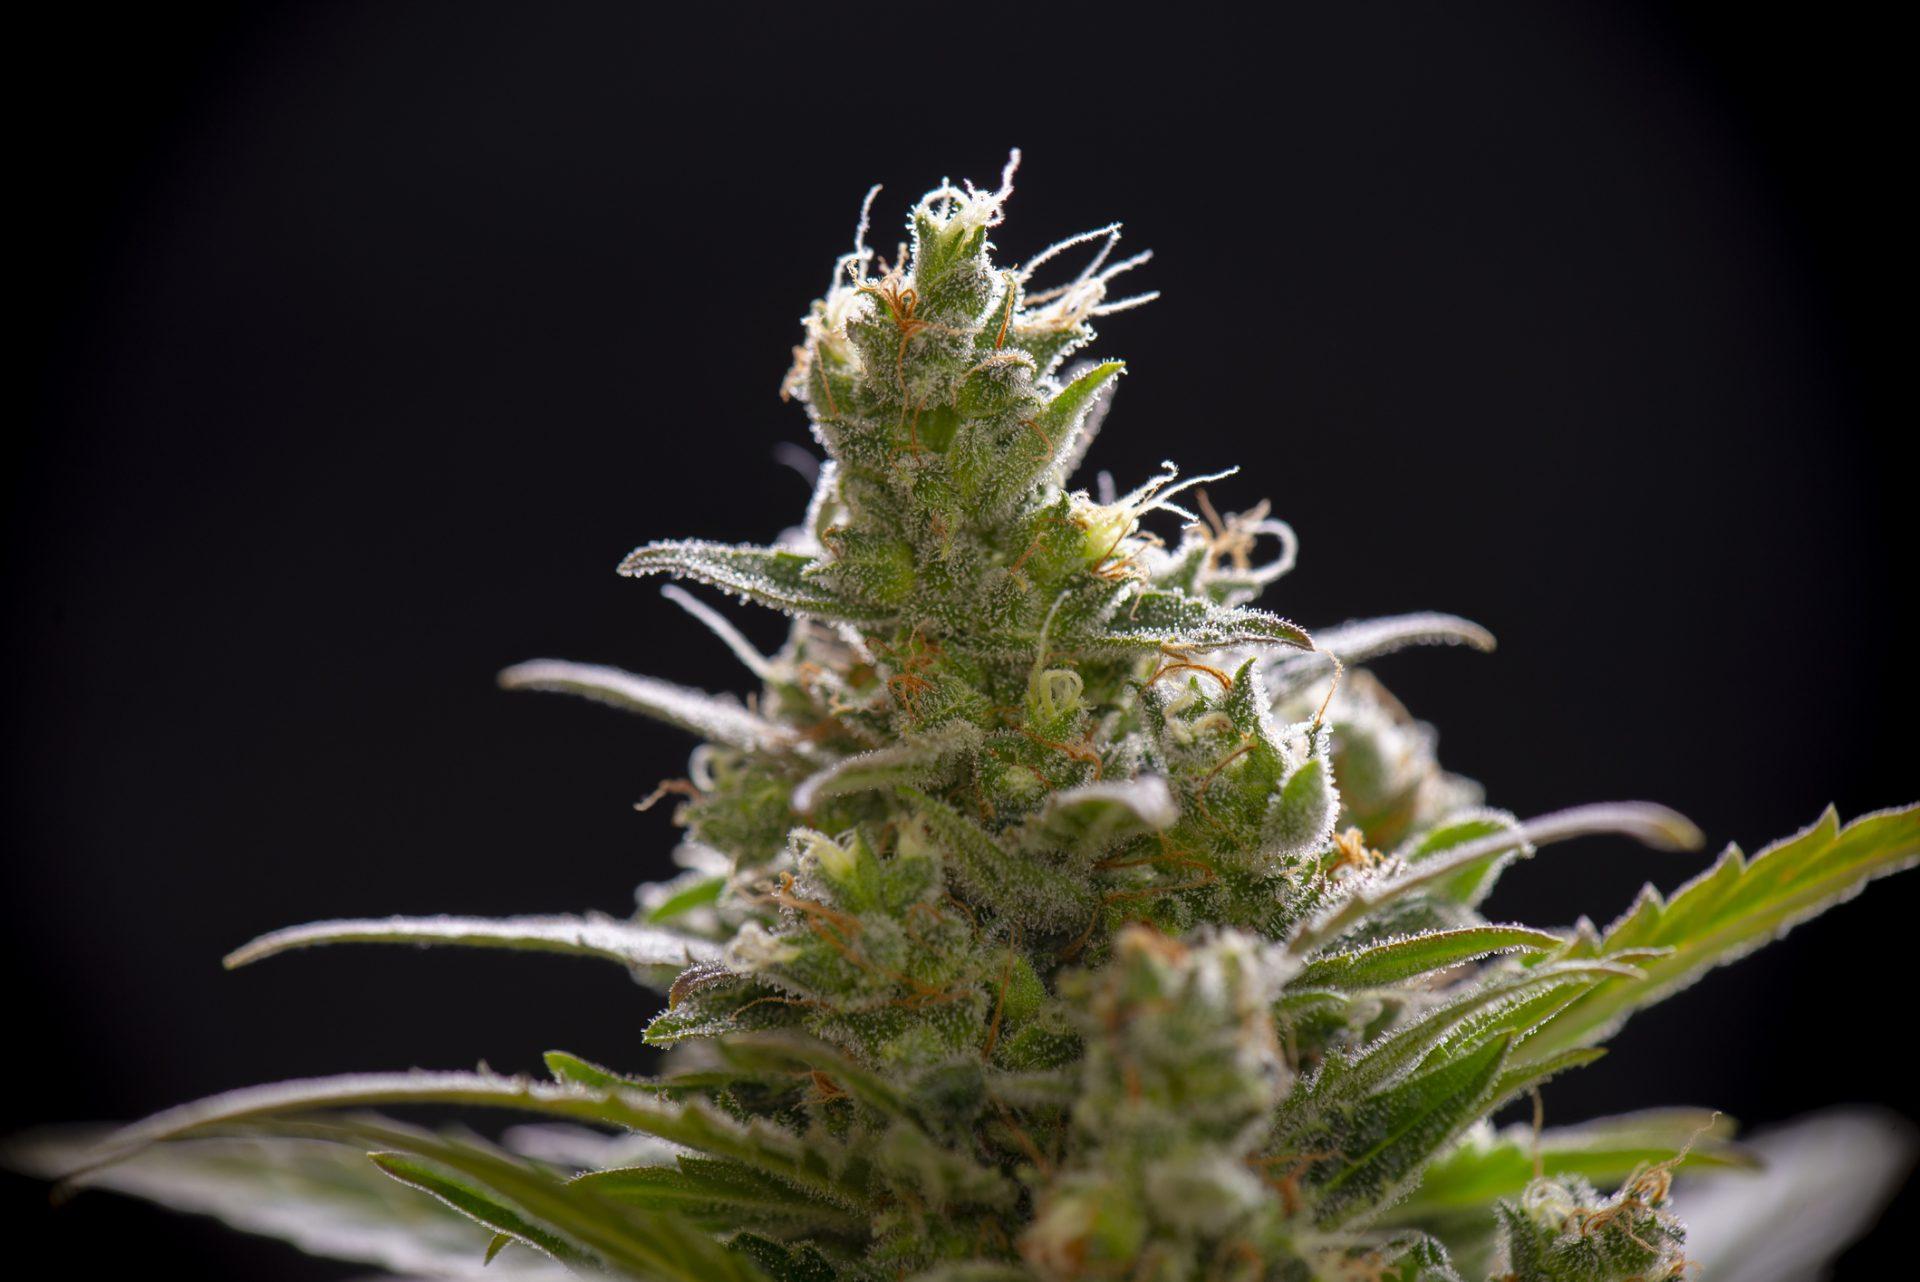 Cannabis Bud showing resins - terpenes